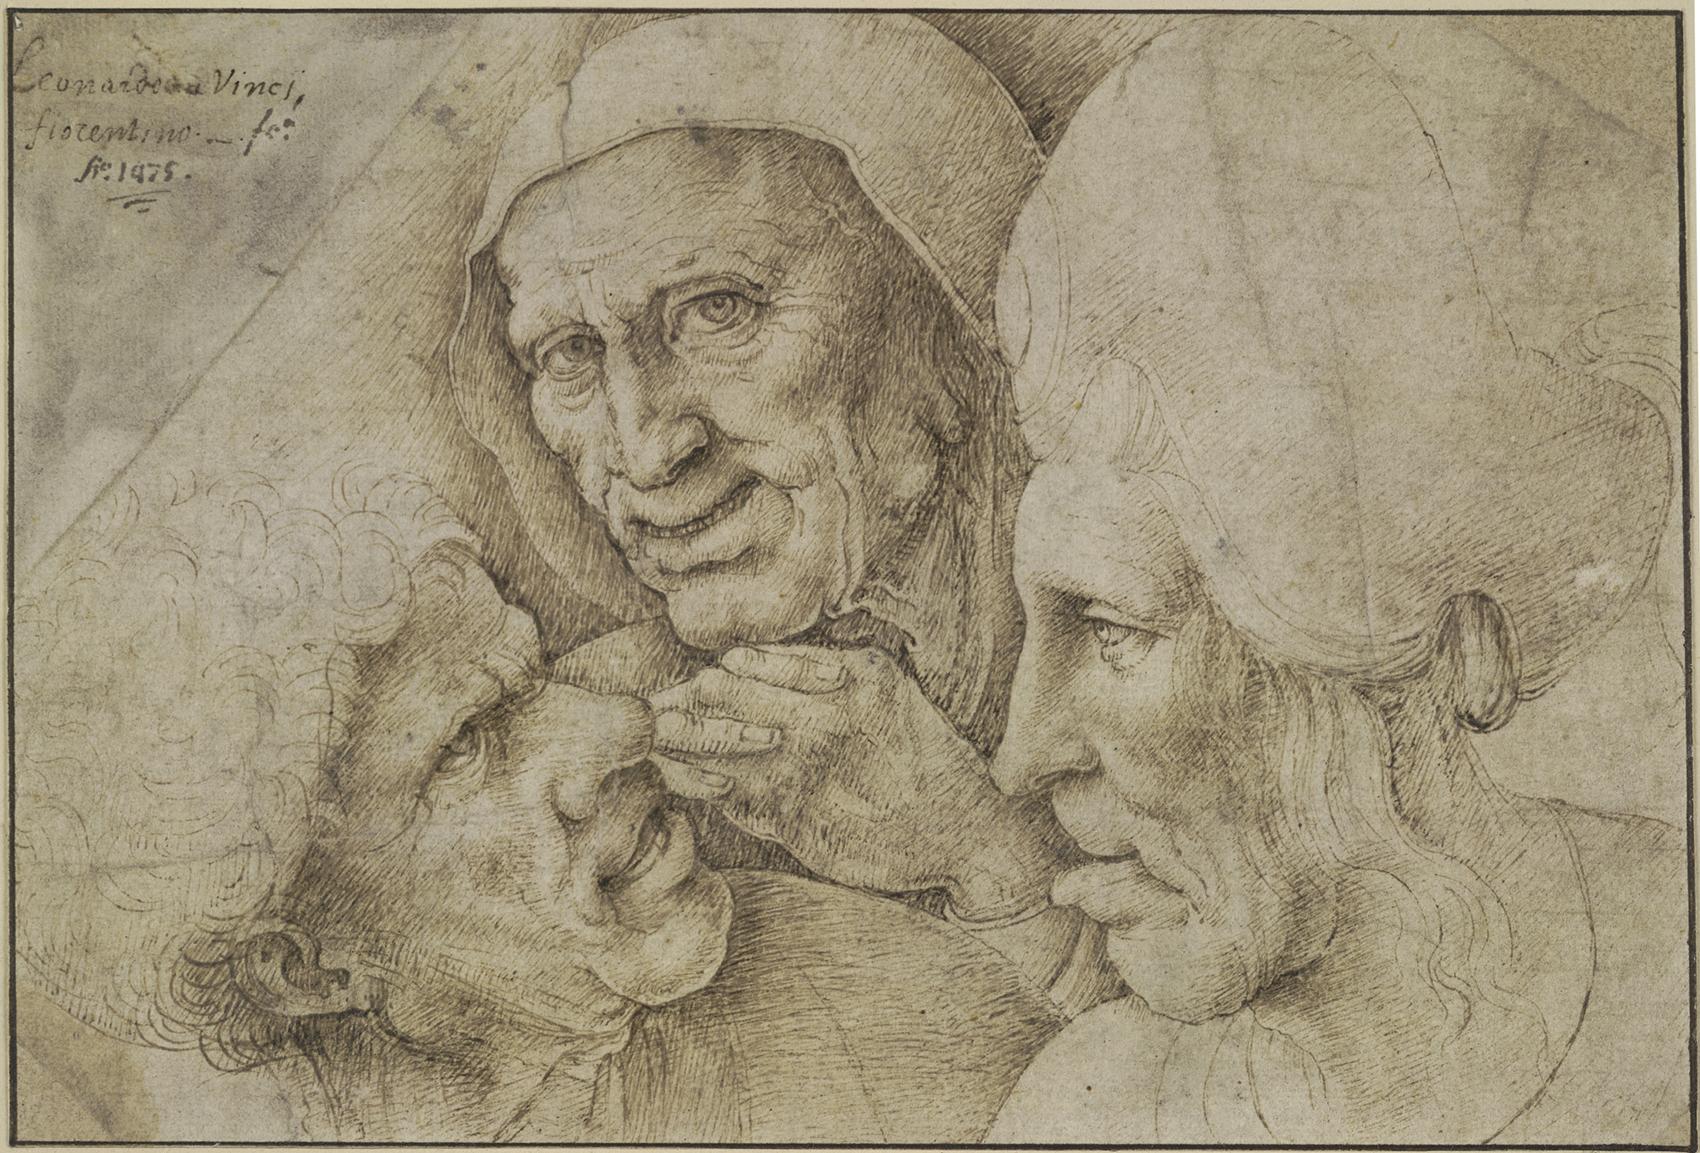 レオナルド・ダ・ヴィンチに基づく《男女の頭部のカリカチュア》 ペン、褐色インク/紙 大英博物館蔵  ©The Trustees of the British Museum